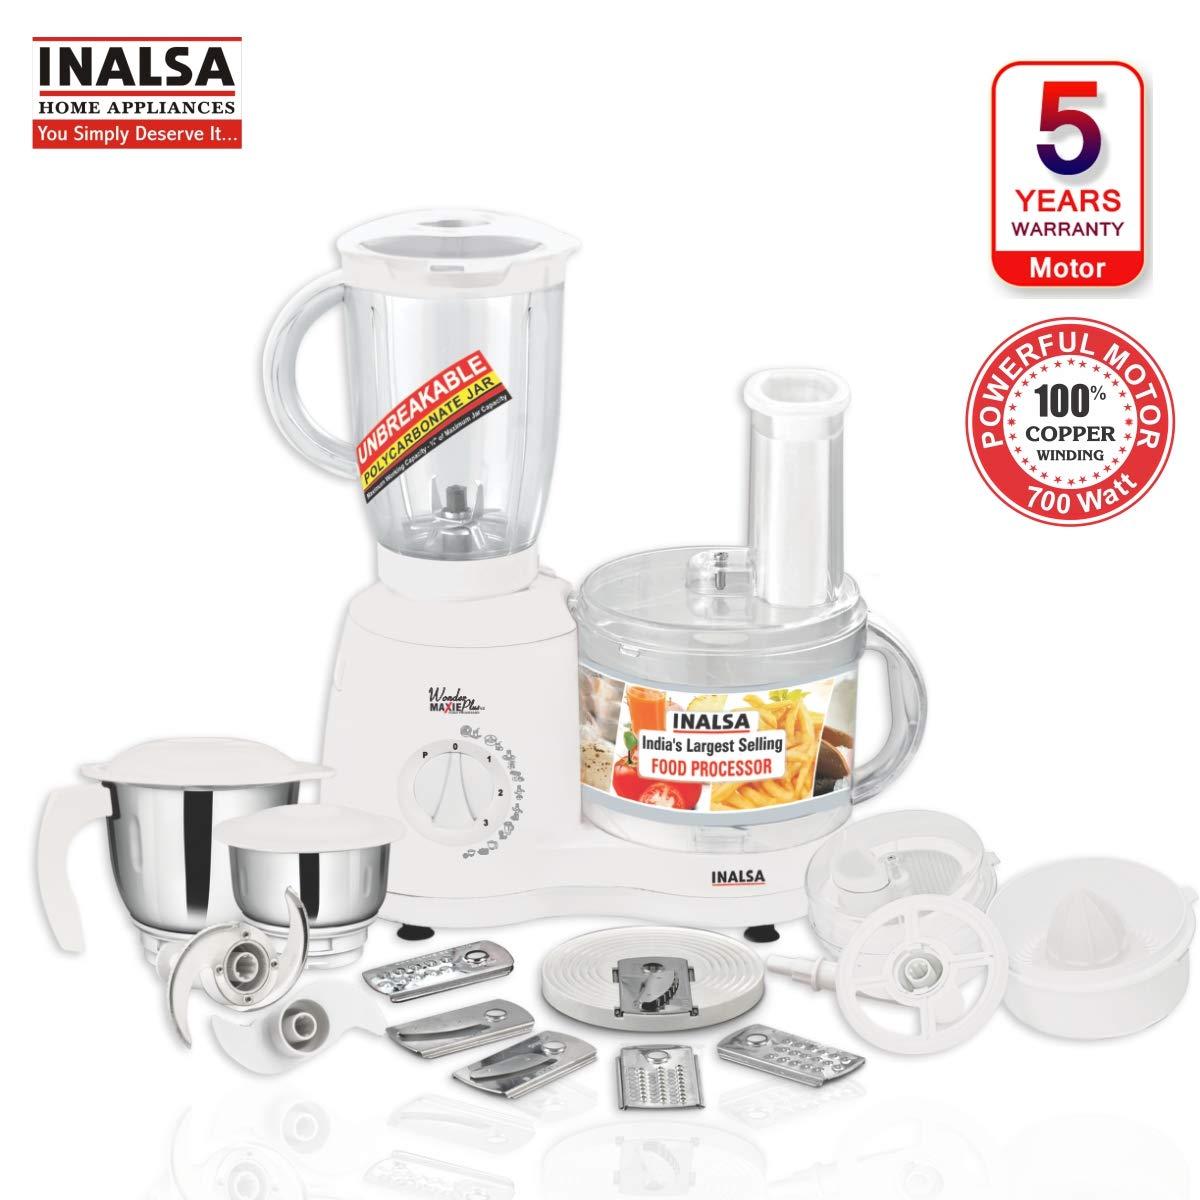 Inalsa Food Processor Wonder Maxie Plus V2 700-Watt